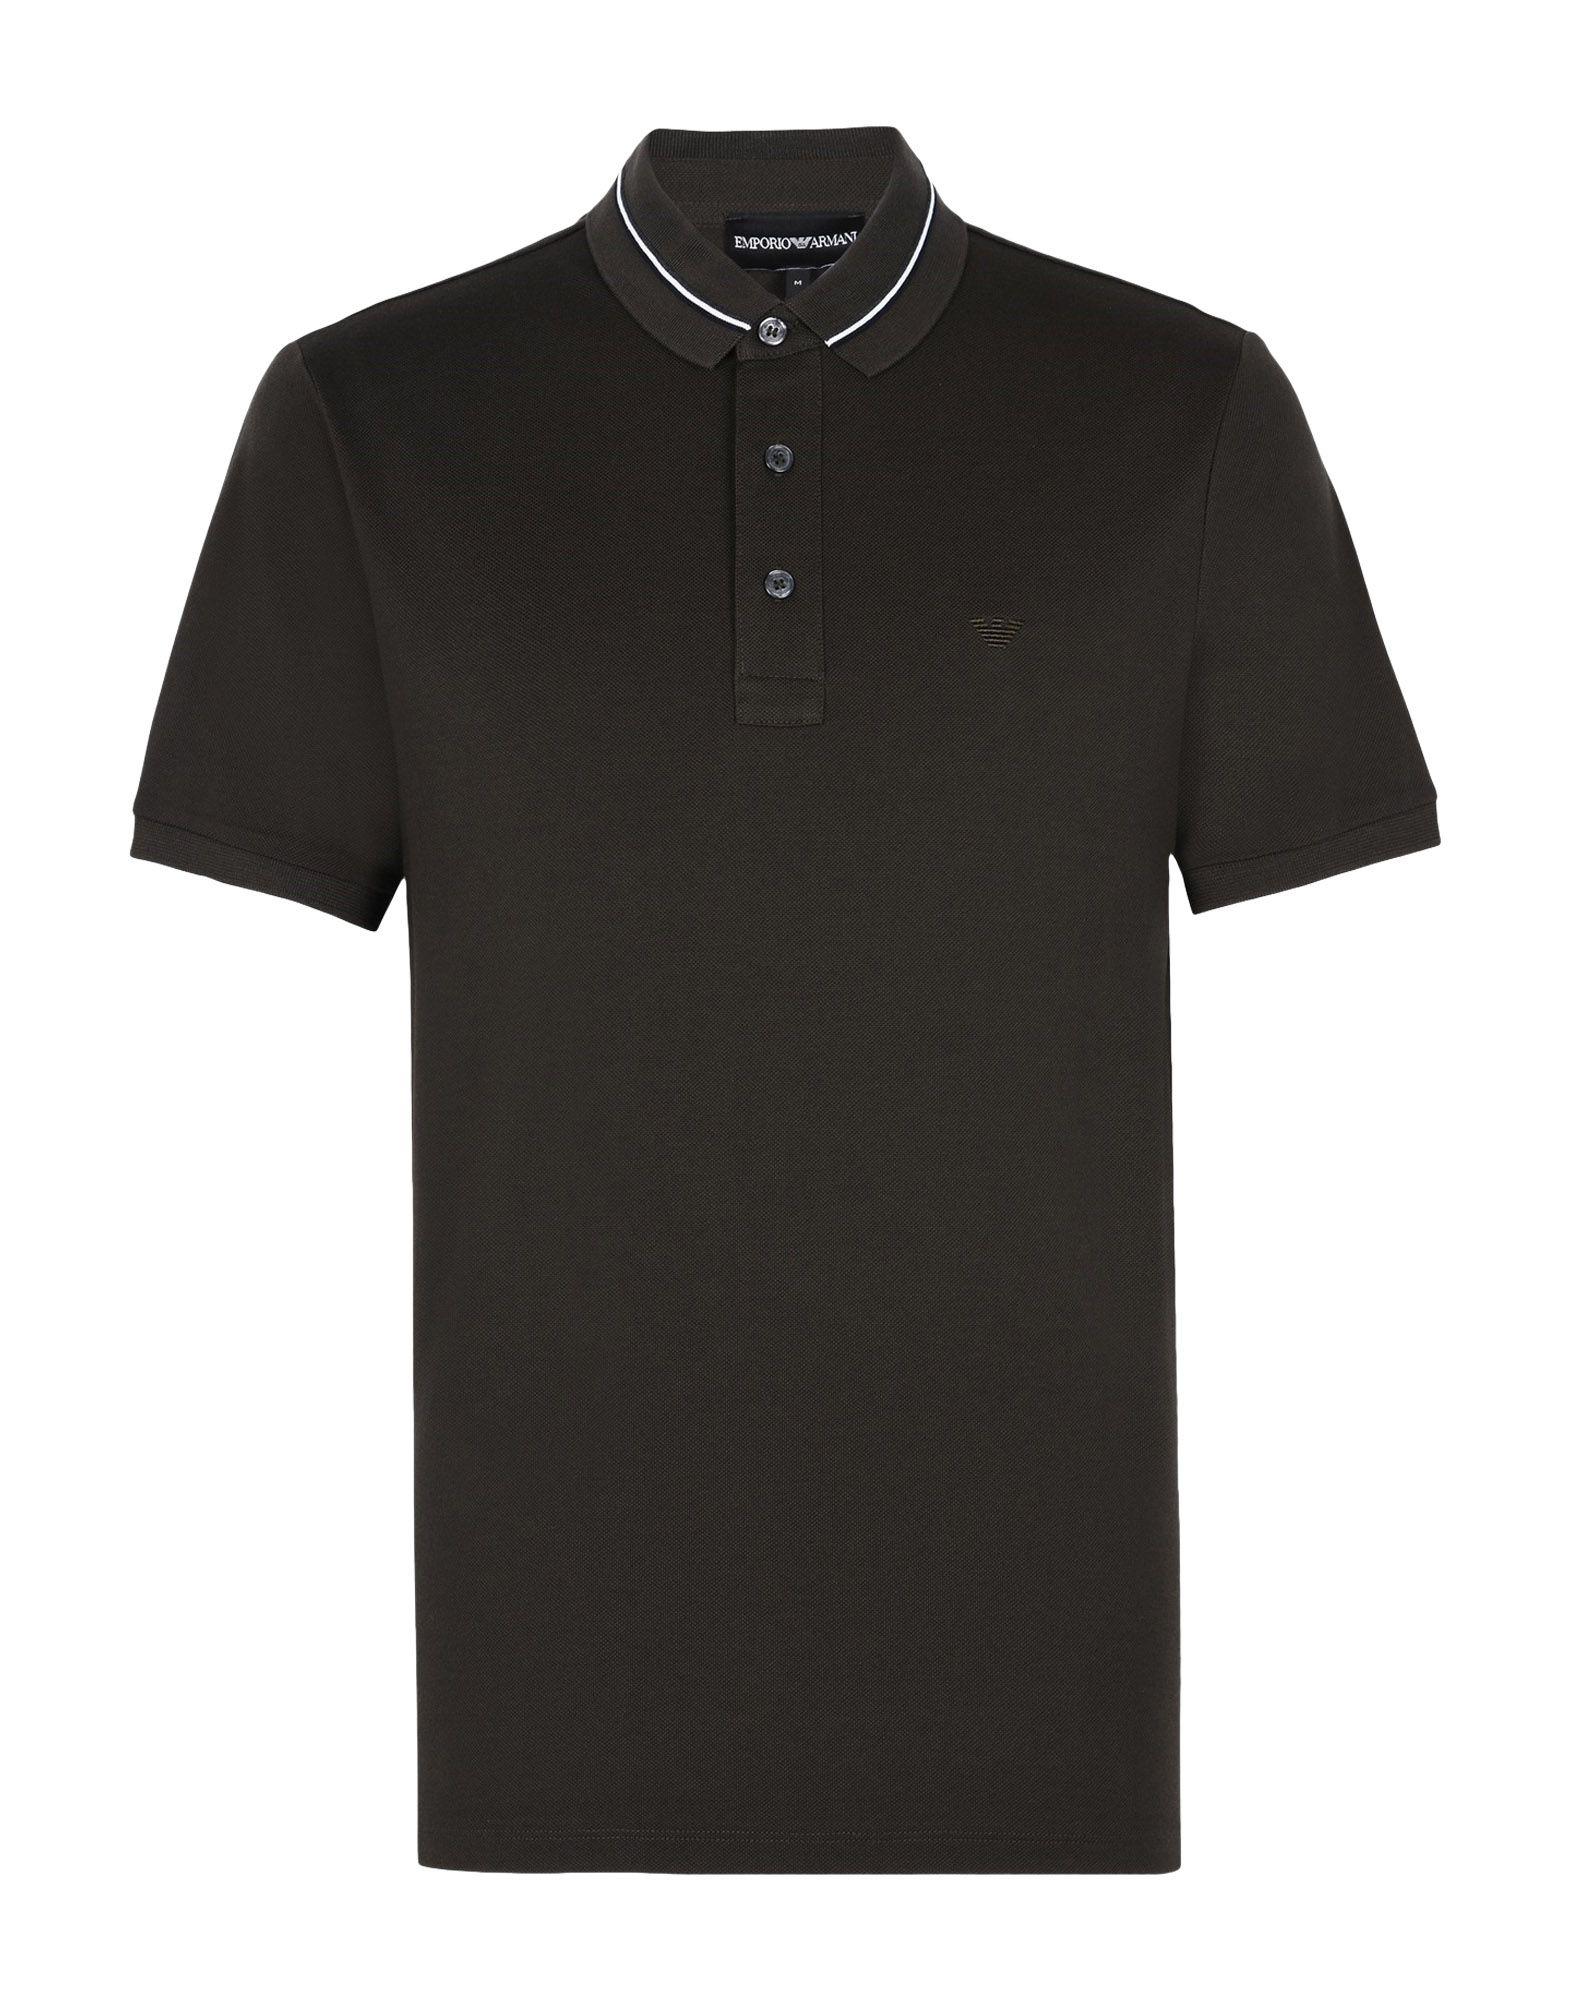 EMPORIO ARMANI Поло zogaa новых корейских мужской рубашки поло моды тонкая вышивка